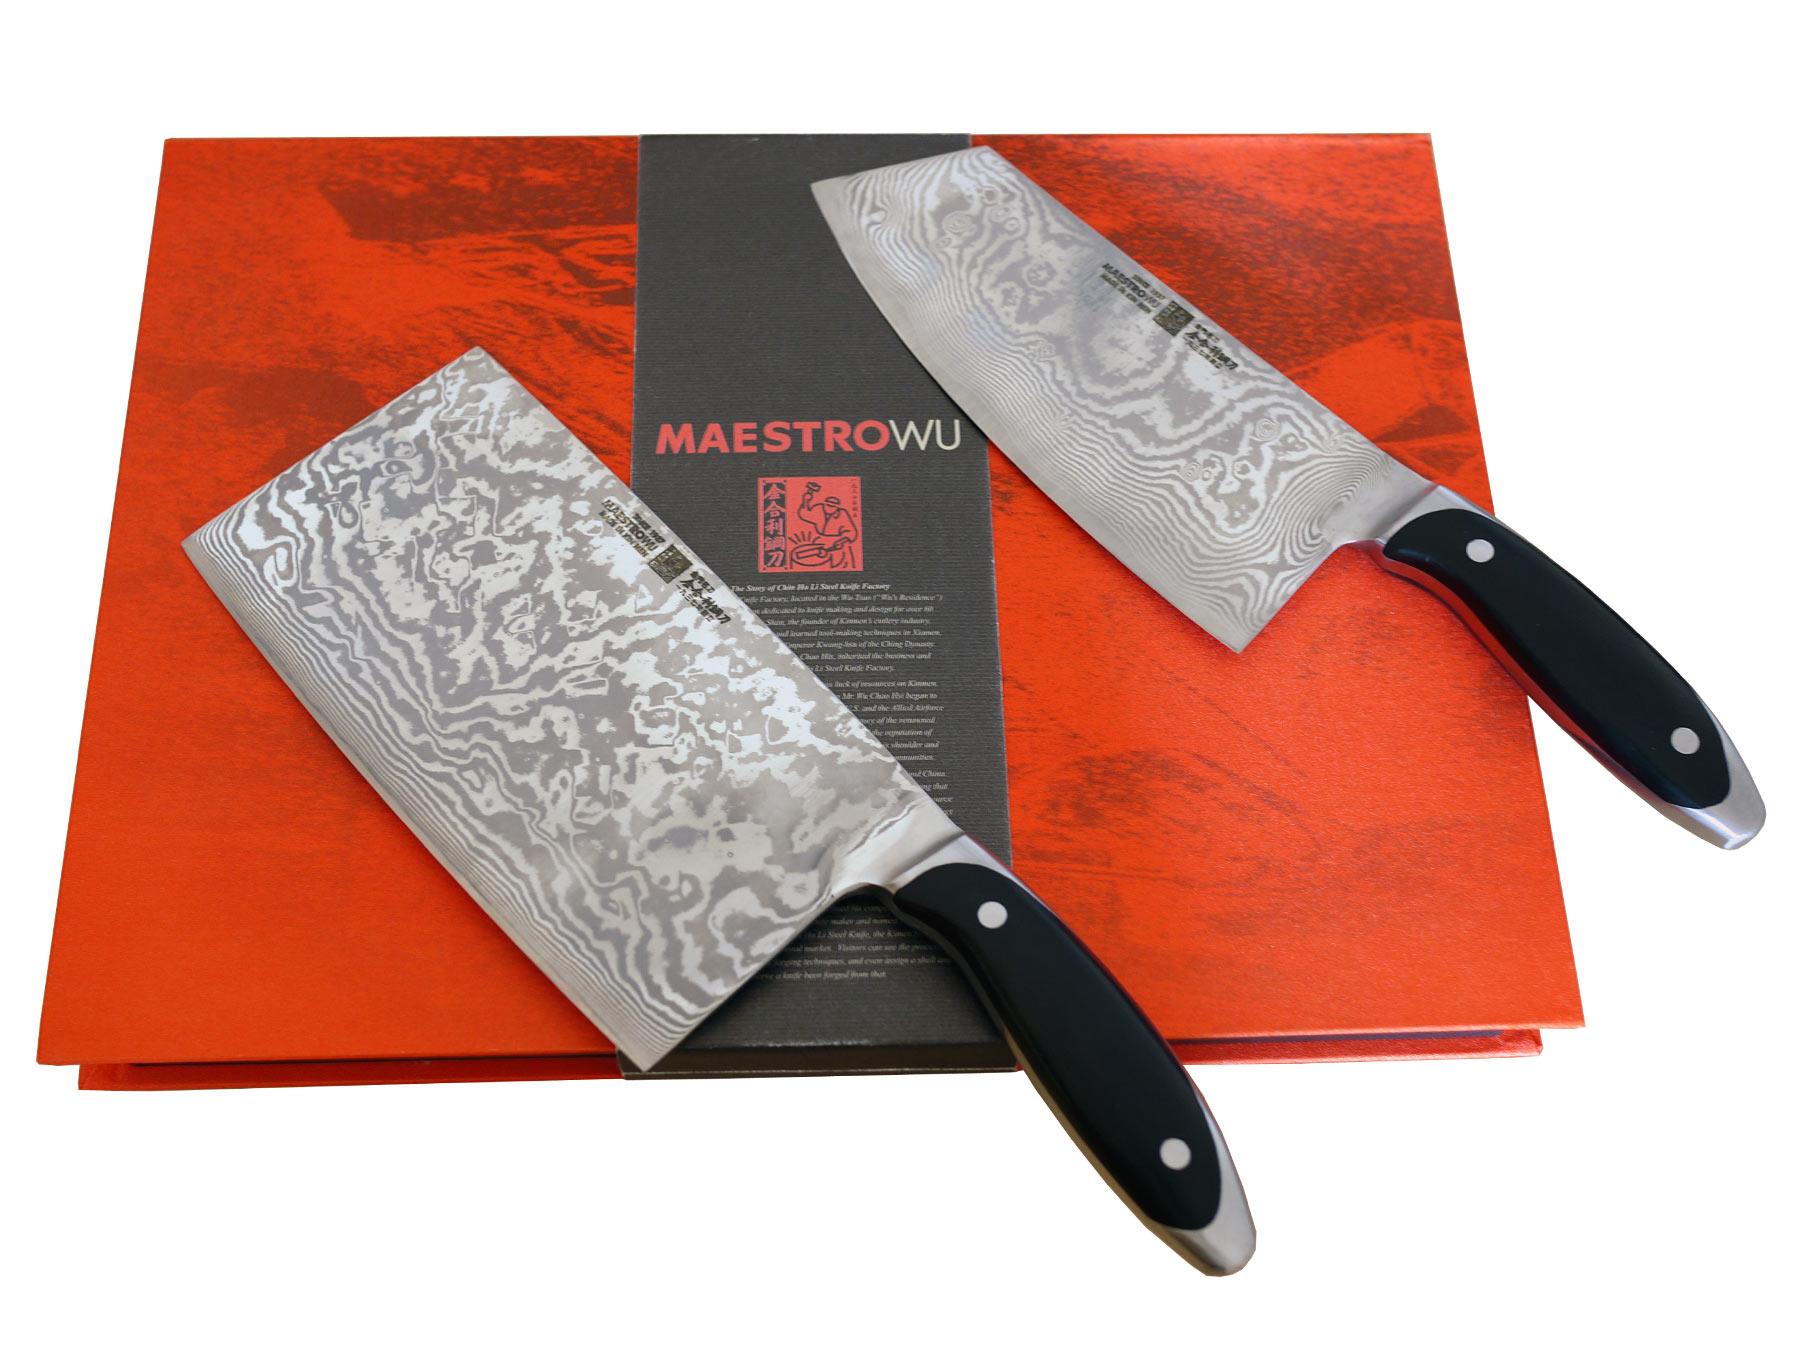 Maestro Wu Damast AMA-0306 Messerset: Chopmesser + Hackmesser